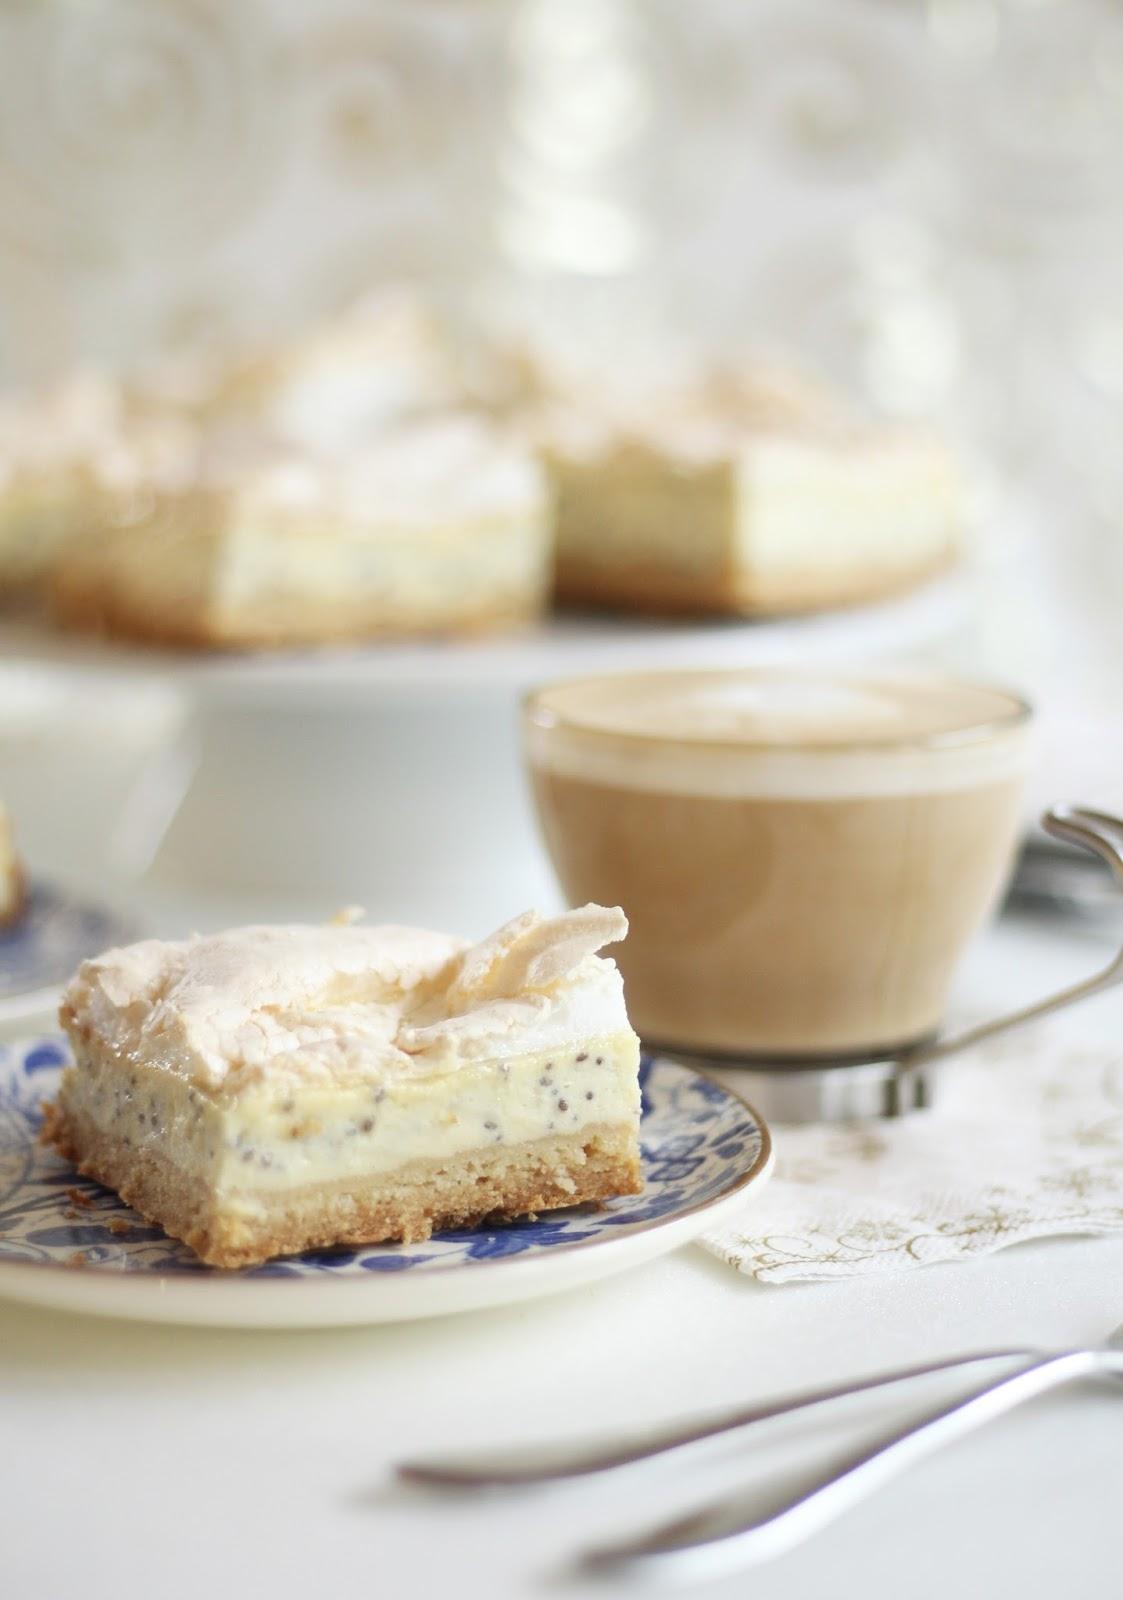 Baiser-Quark-Schnitten mit Chia-Samen - himmlischer Blechkuchen mit dem gewissen Extra